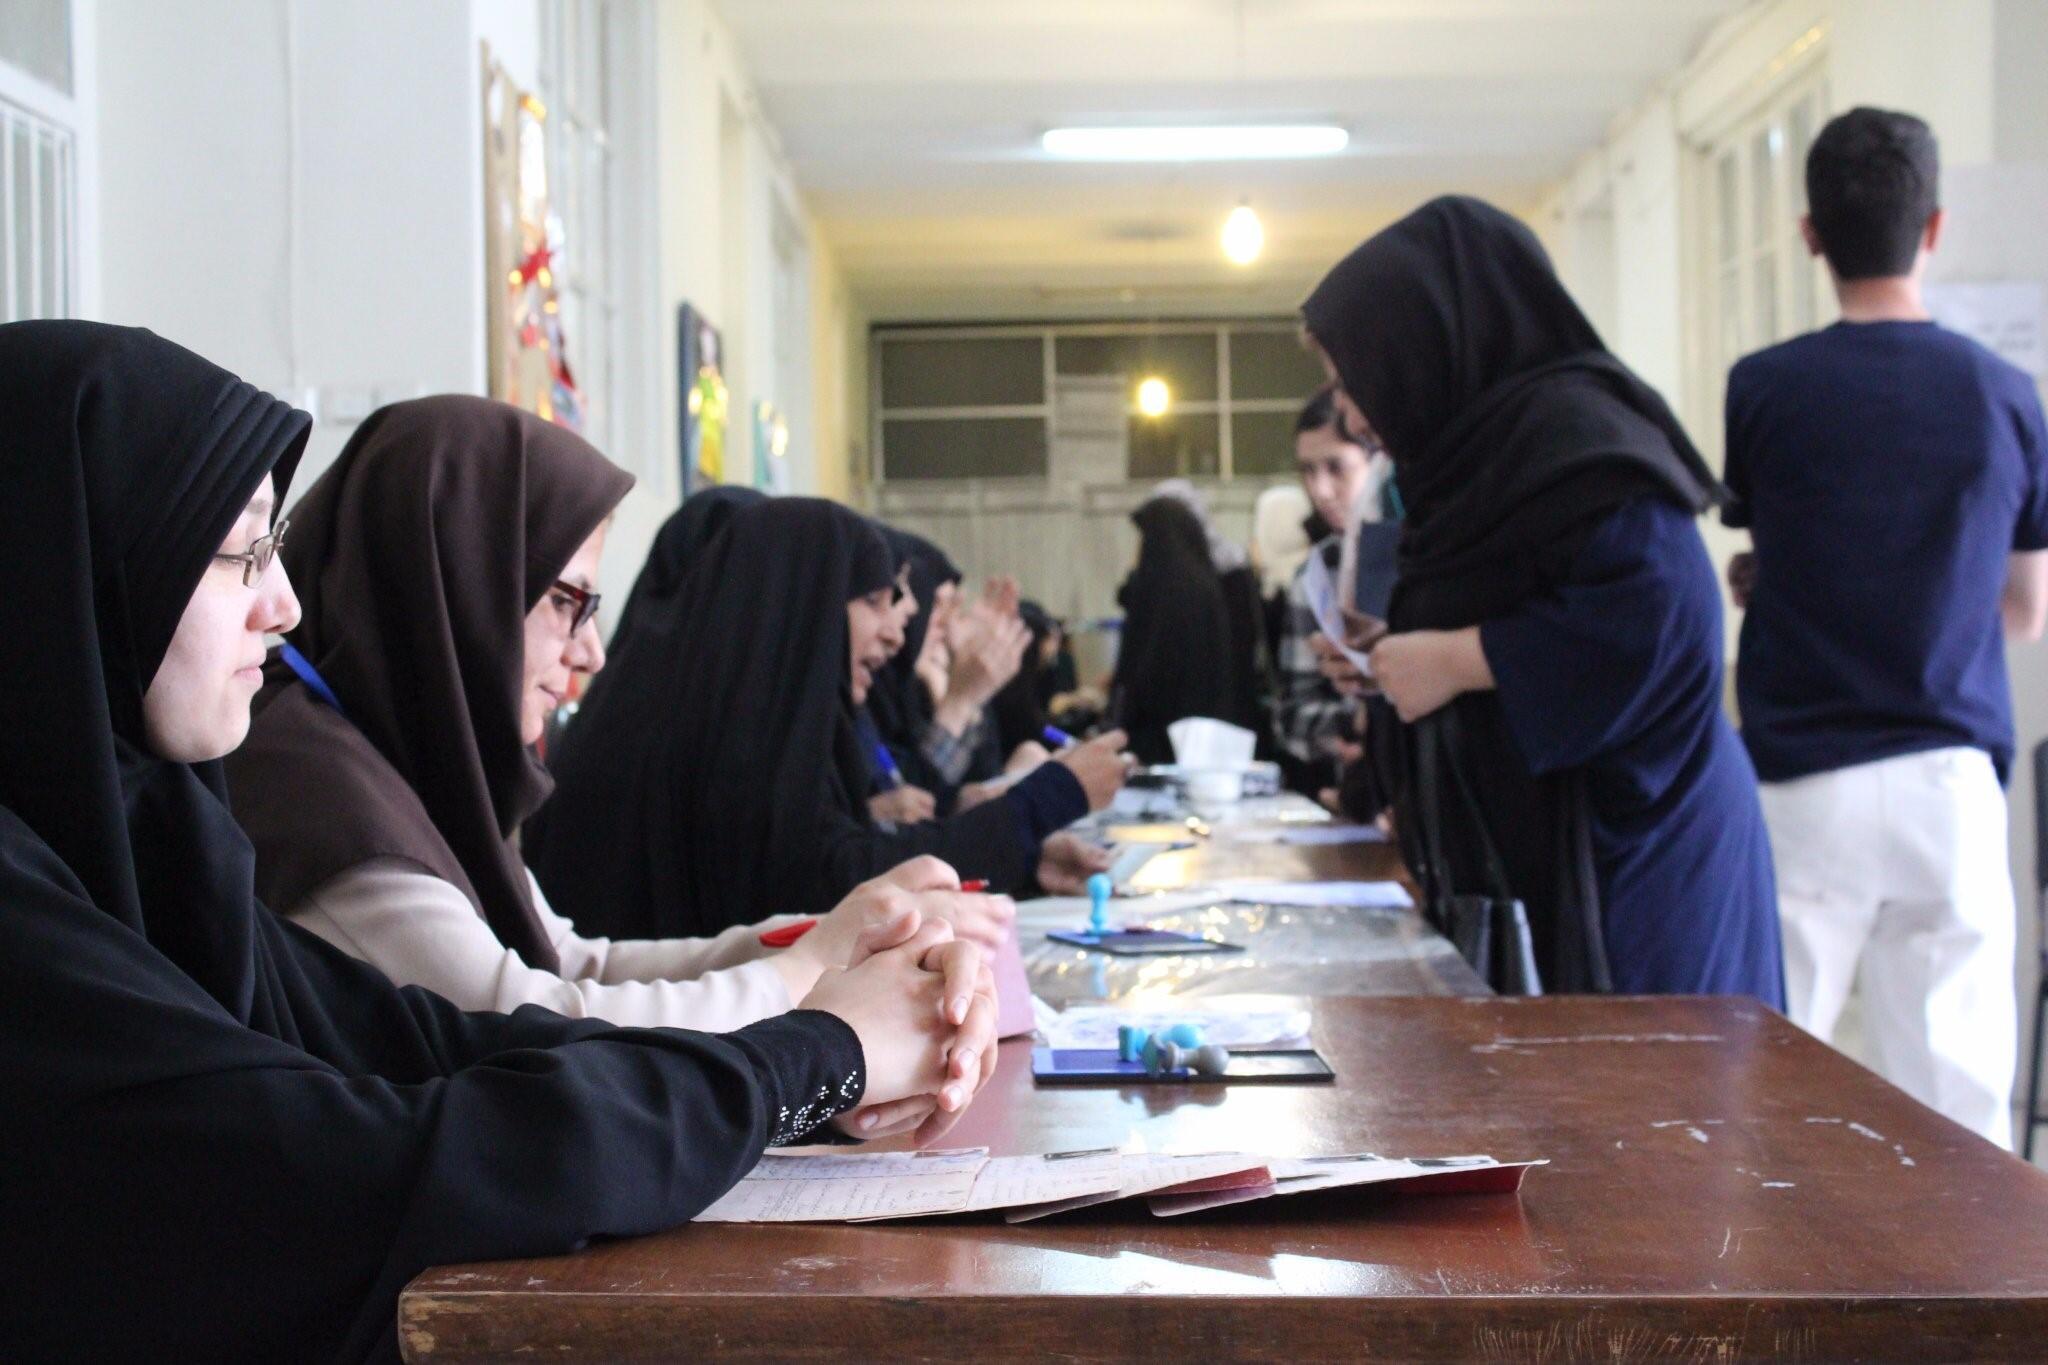 یکی از حوزه های رای گیری در نزدیکی اسلامشهر - عکس از فرستادۀ ار.اف.ای